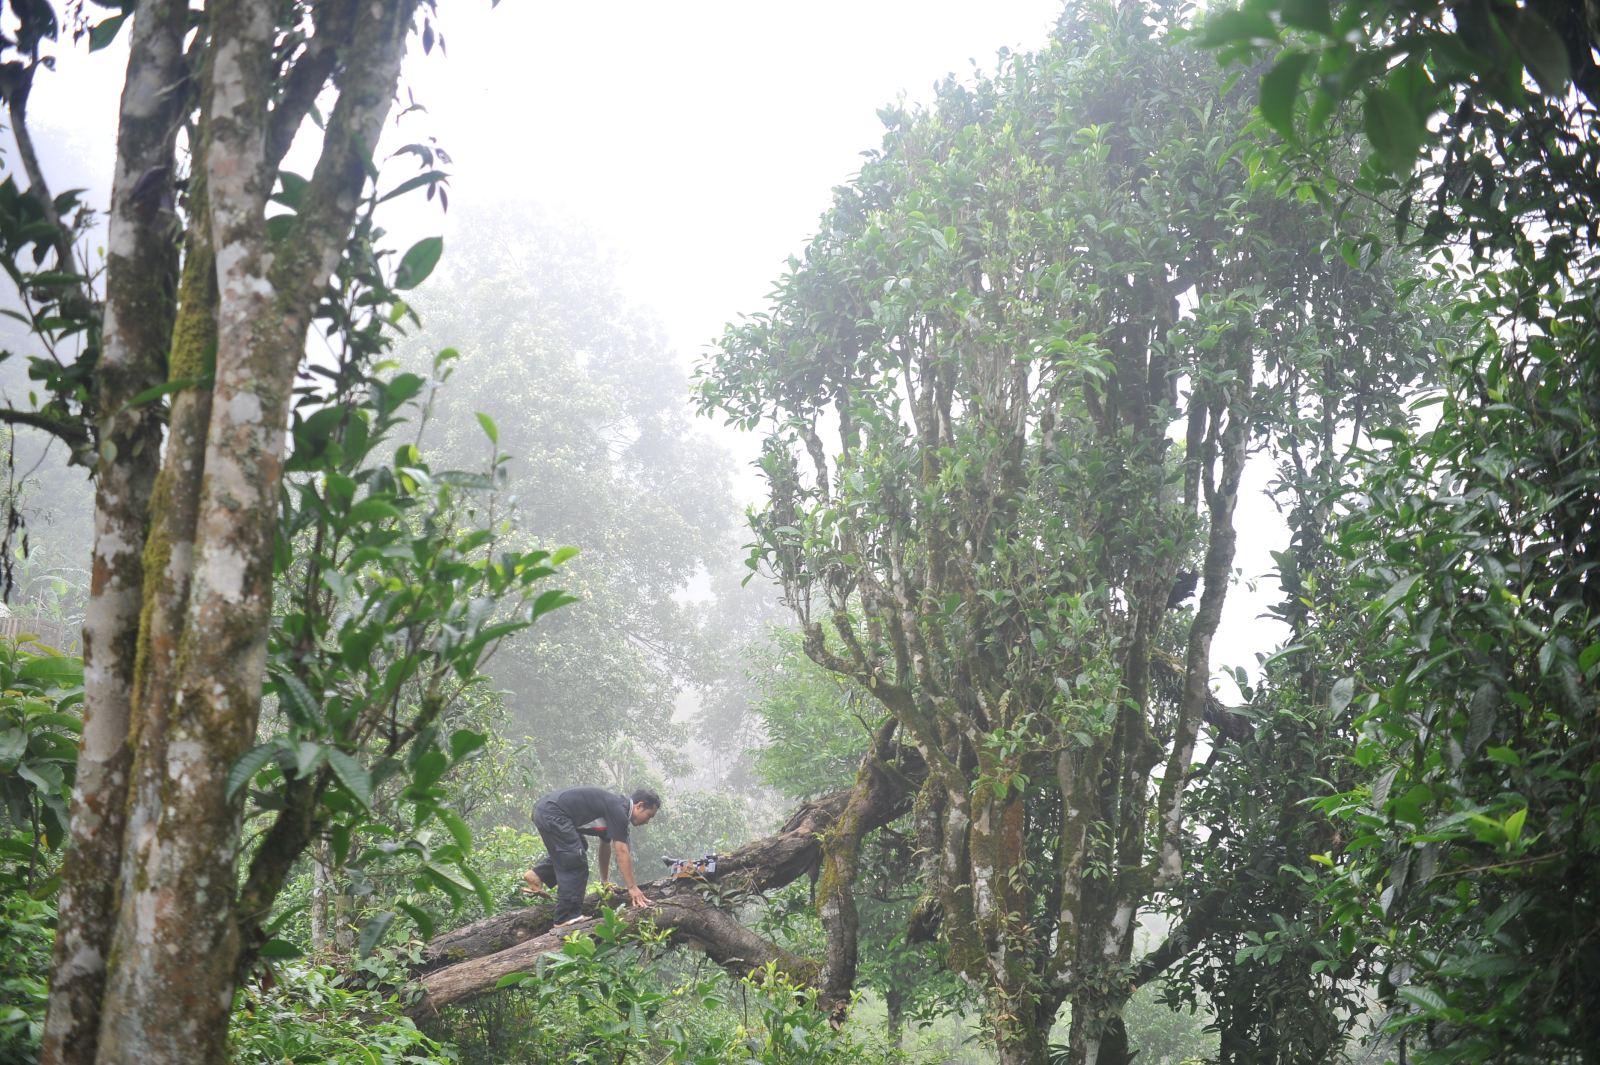 Trà shan cổ thụ là một giống cây quý cần được chú ý phát triển